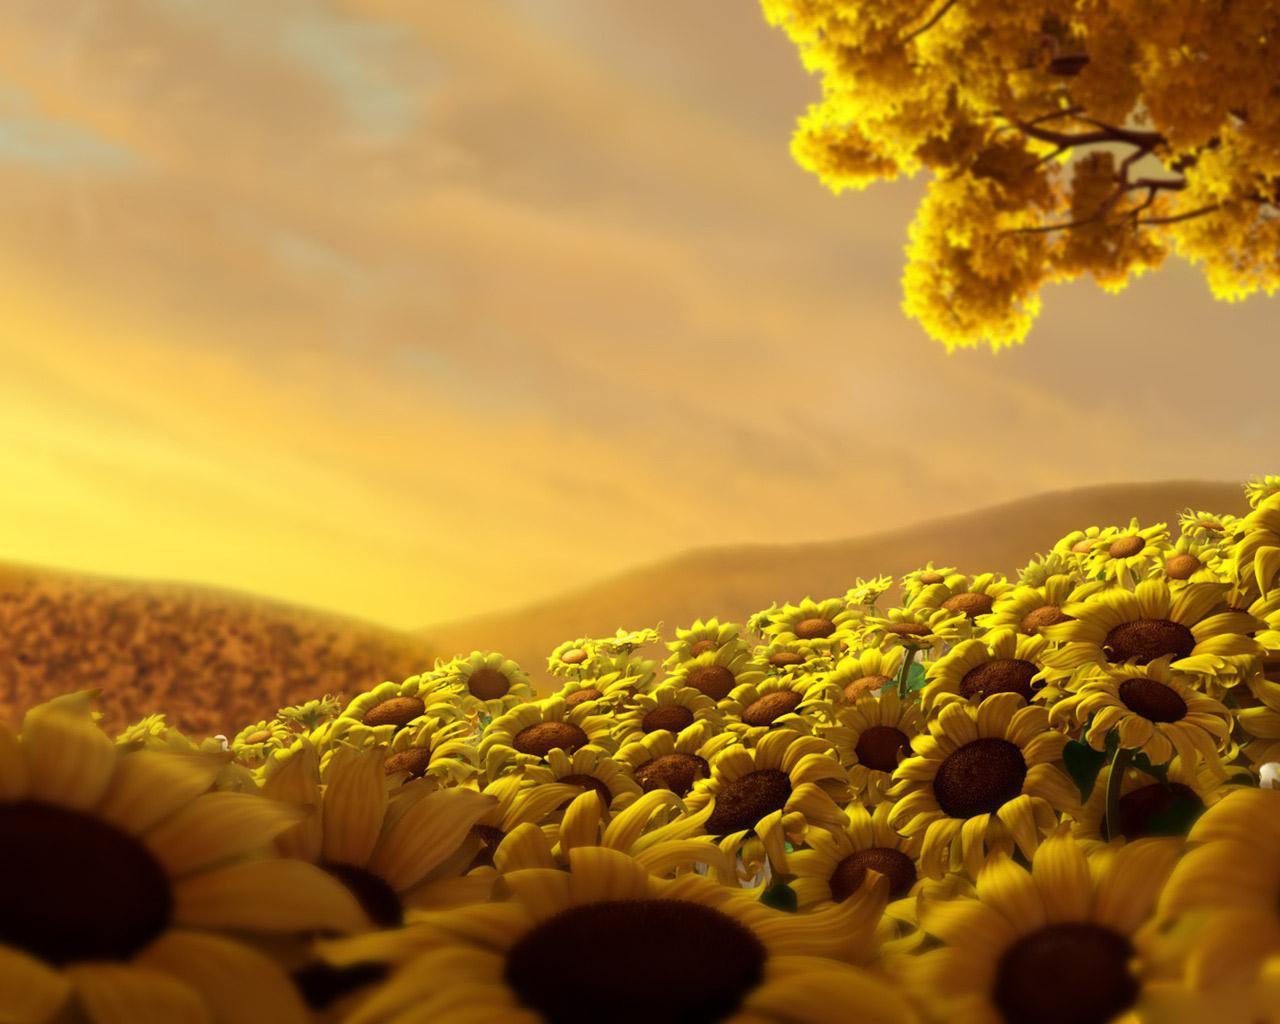 http://2.bp.blogspot.com/_-mGZCI2AwHc/TQL7dFD0KLI/AAAAAAAAADs/wpaCCs2AxfE/s1600/Sunflower+Meadow+Wallpaper+3D.jpg